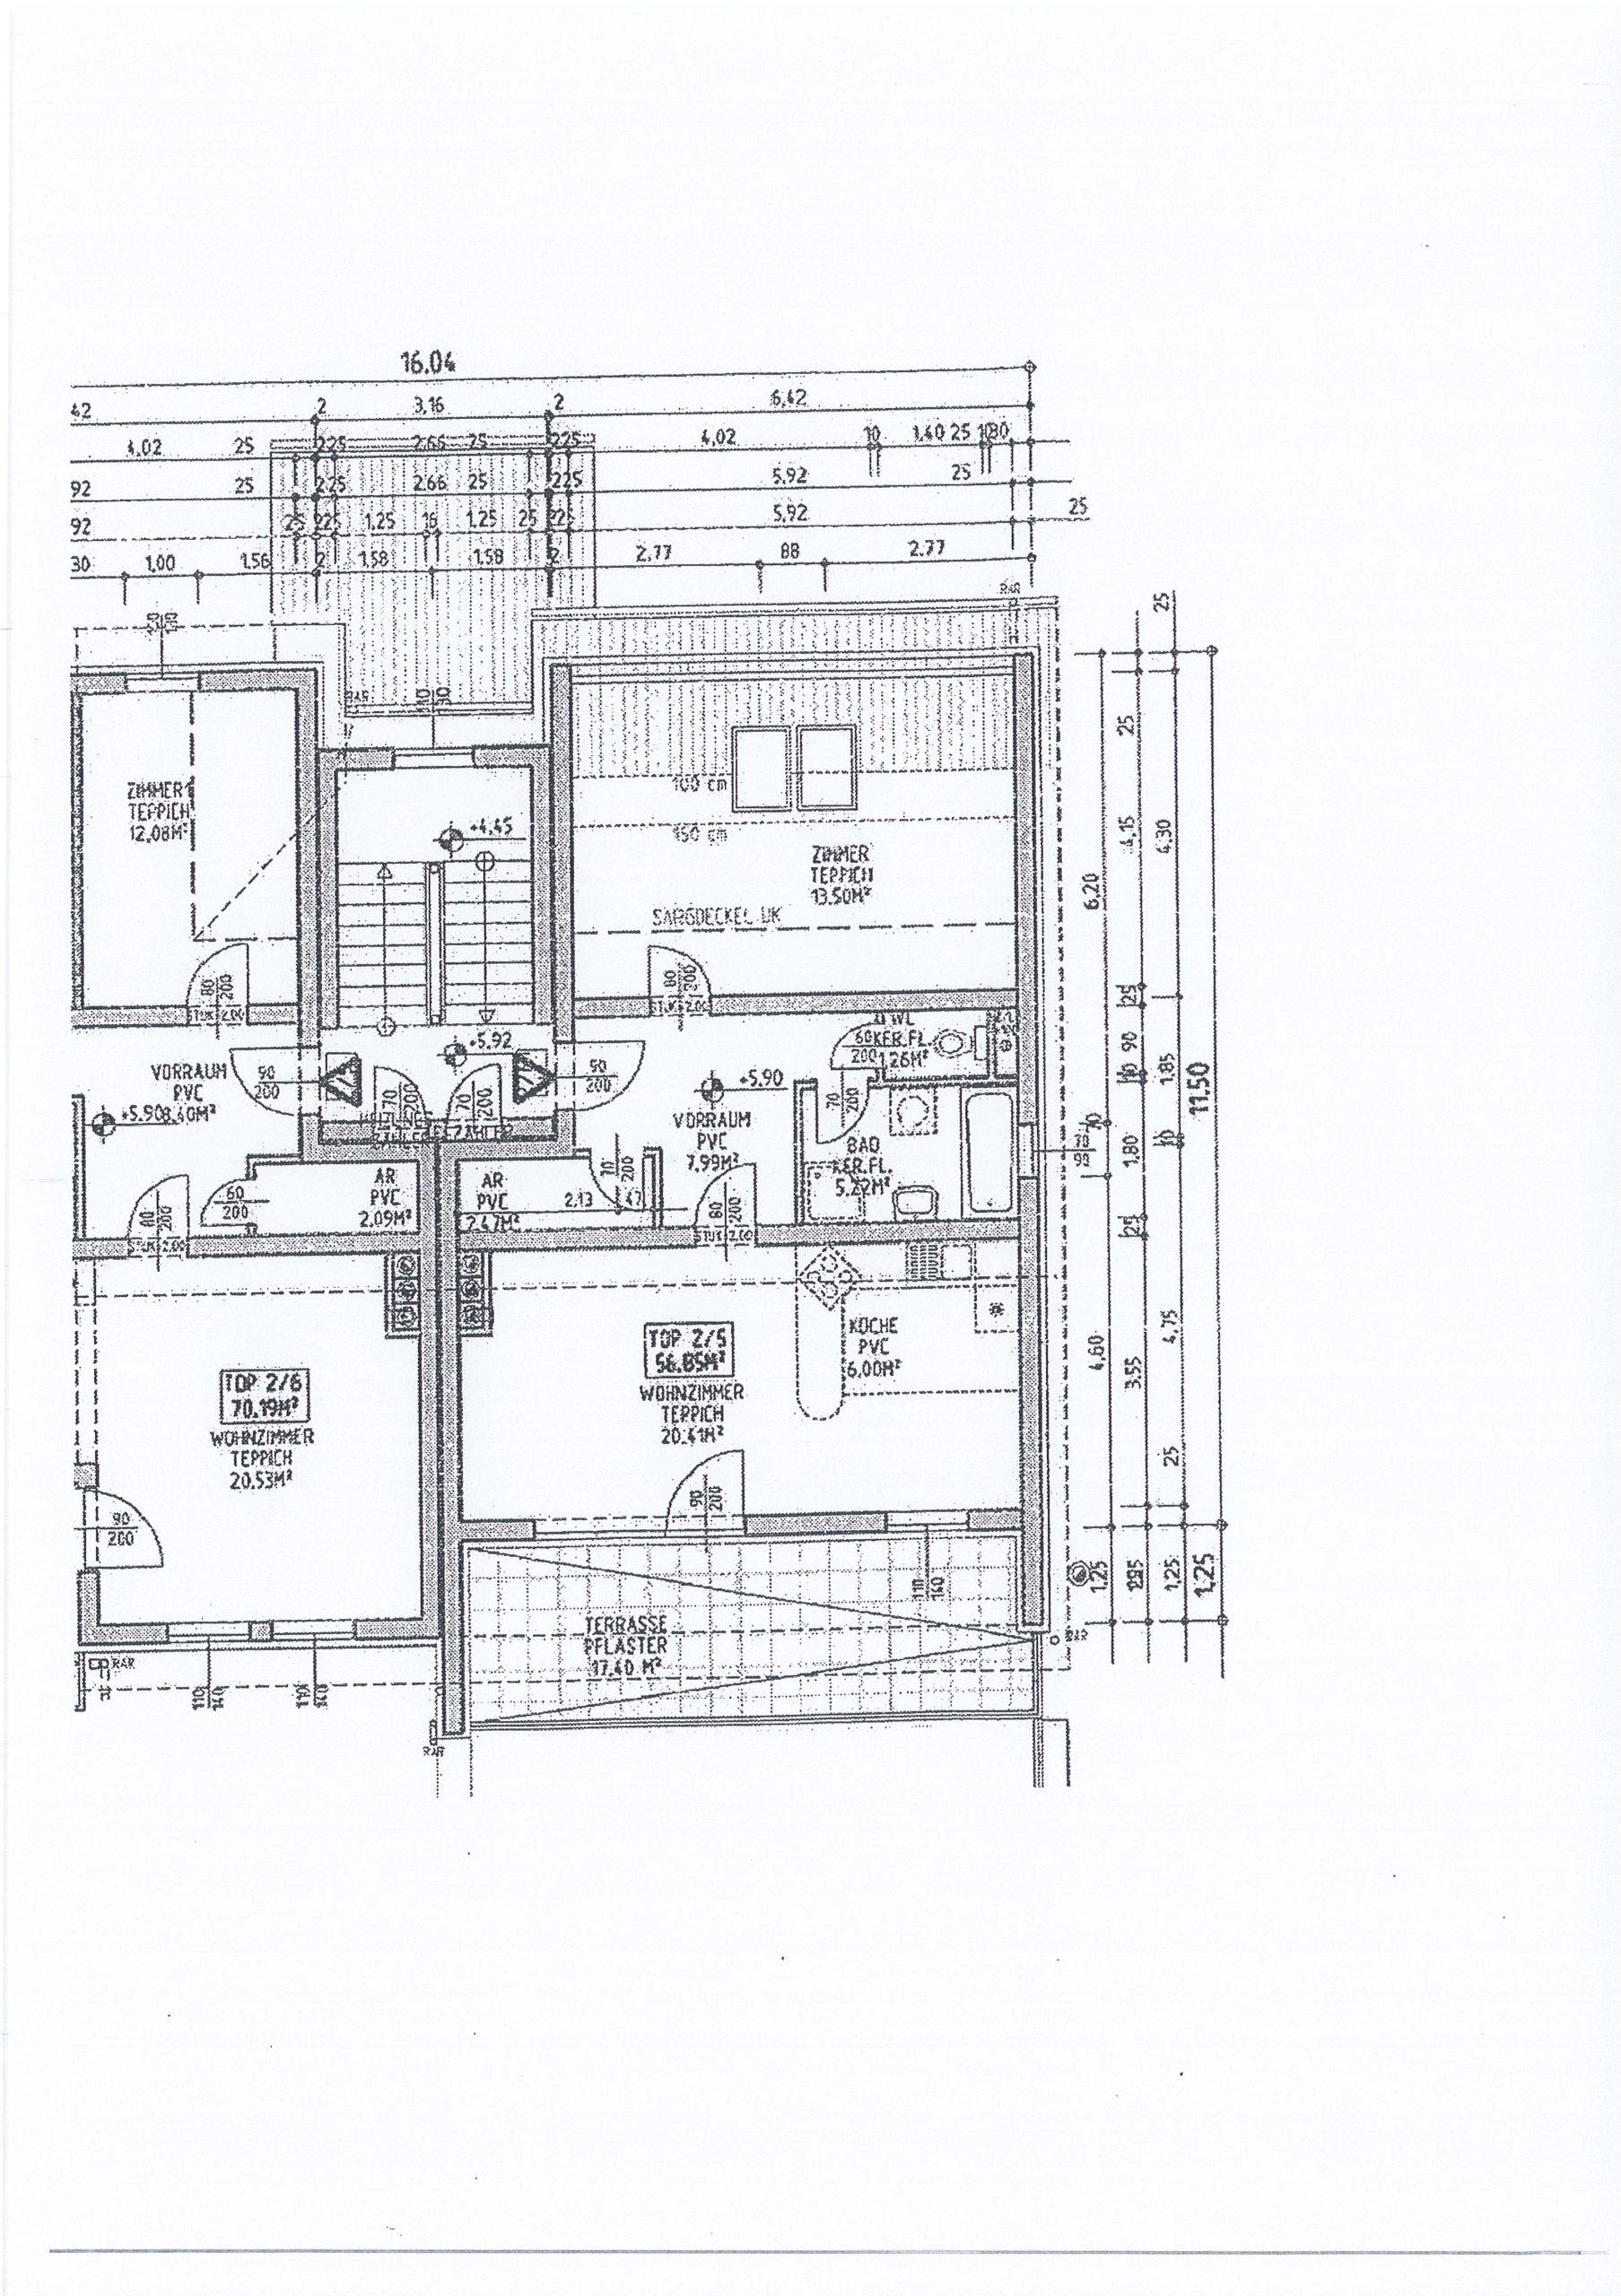 Immobilie von Kamptal in 3613 Albrechtsberg an der Großen Krems, Krems(Land), Albrechtsberg I/1 - Top 205 #13